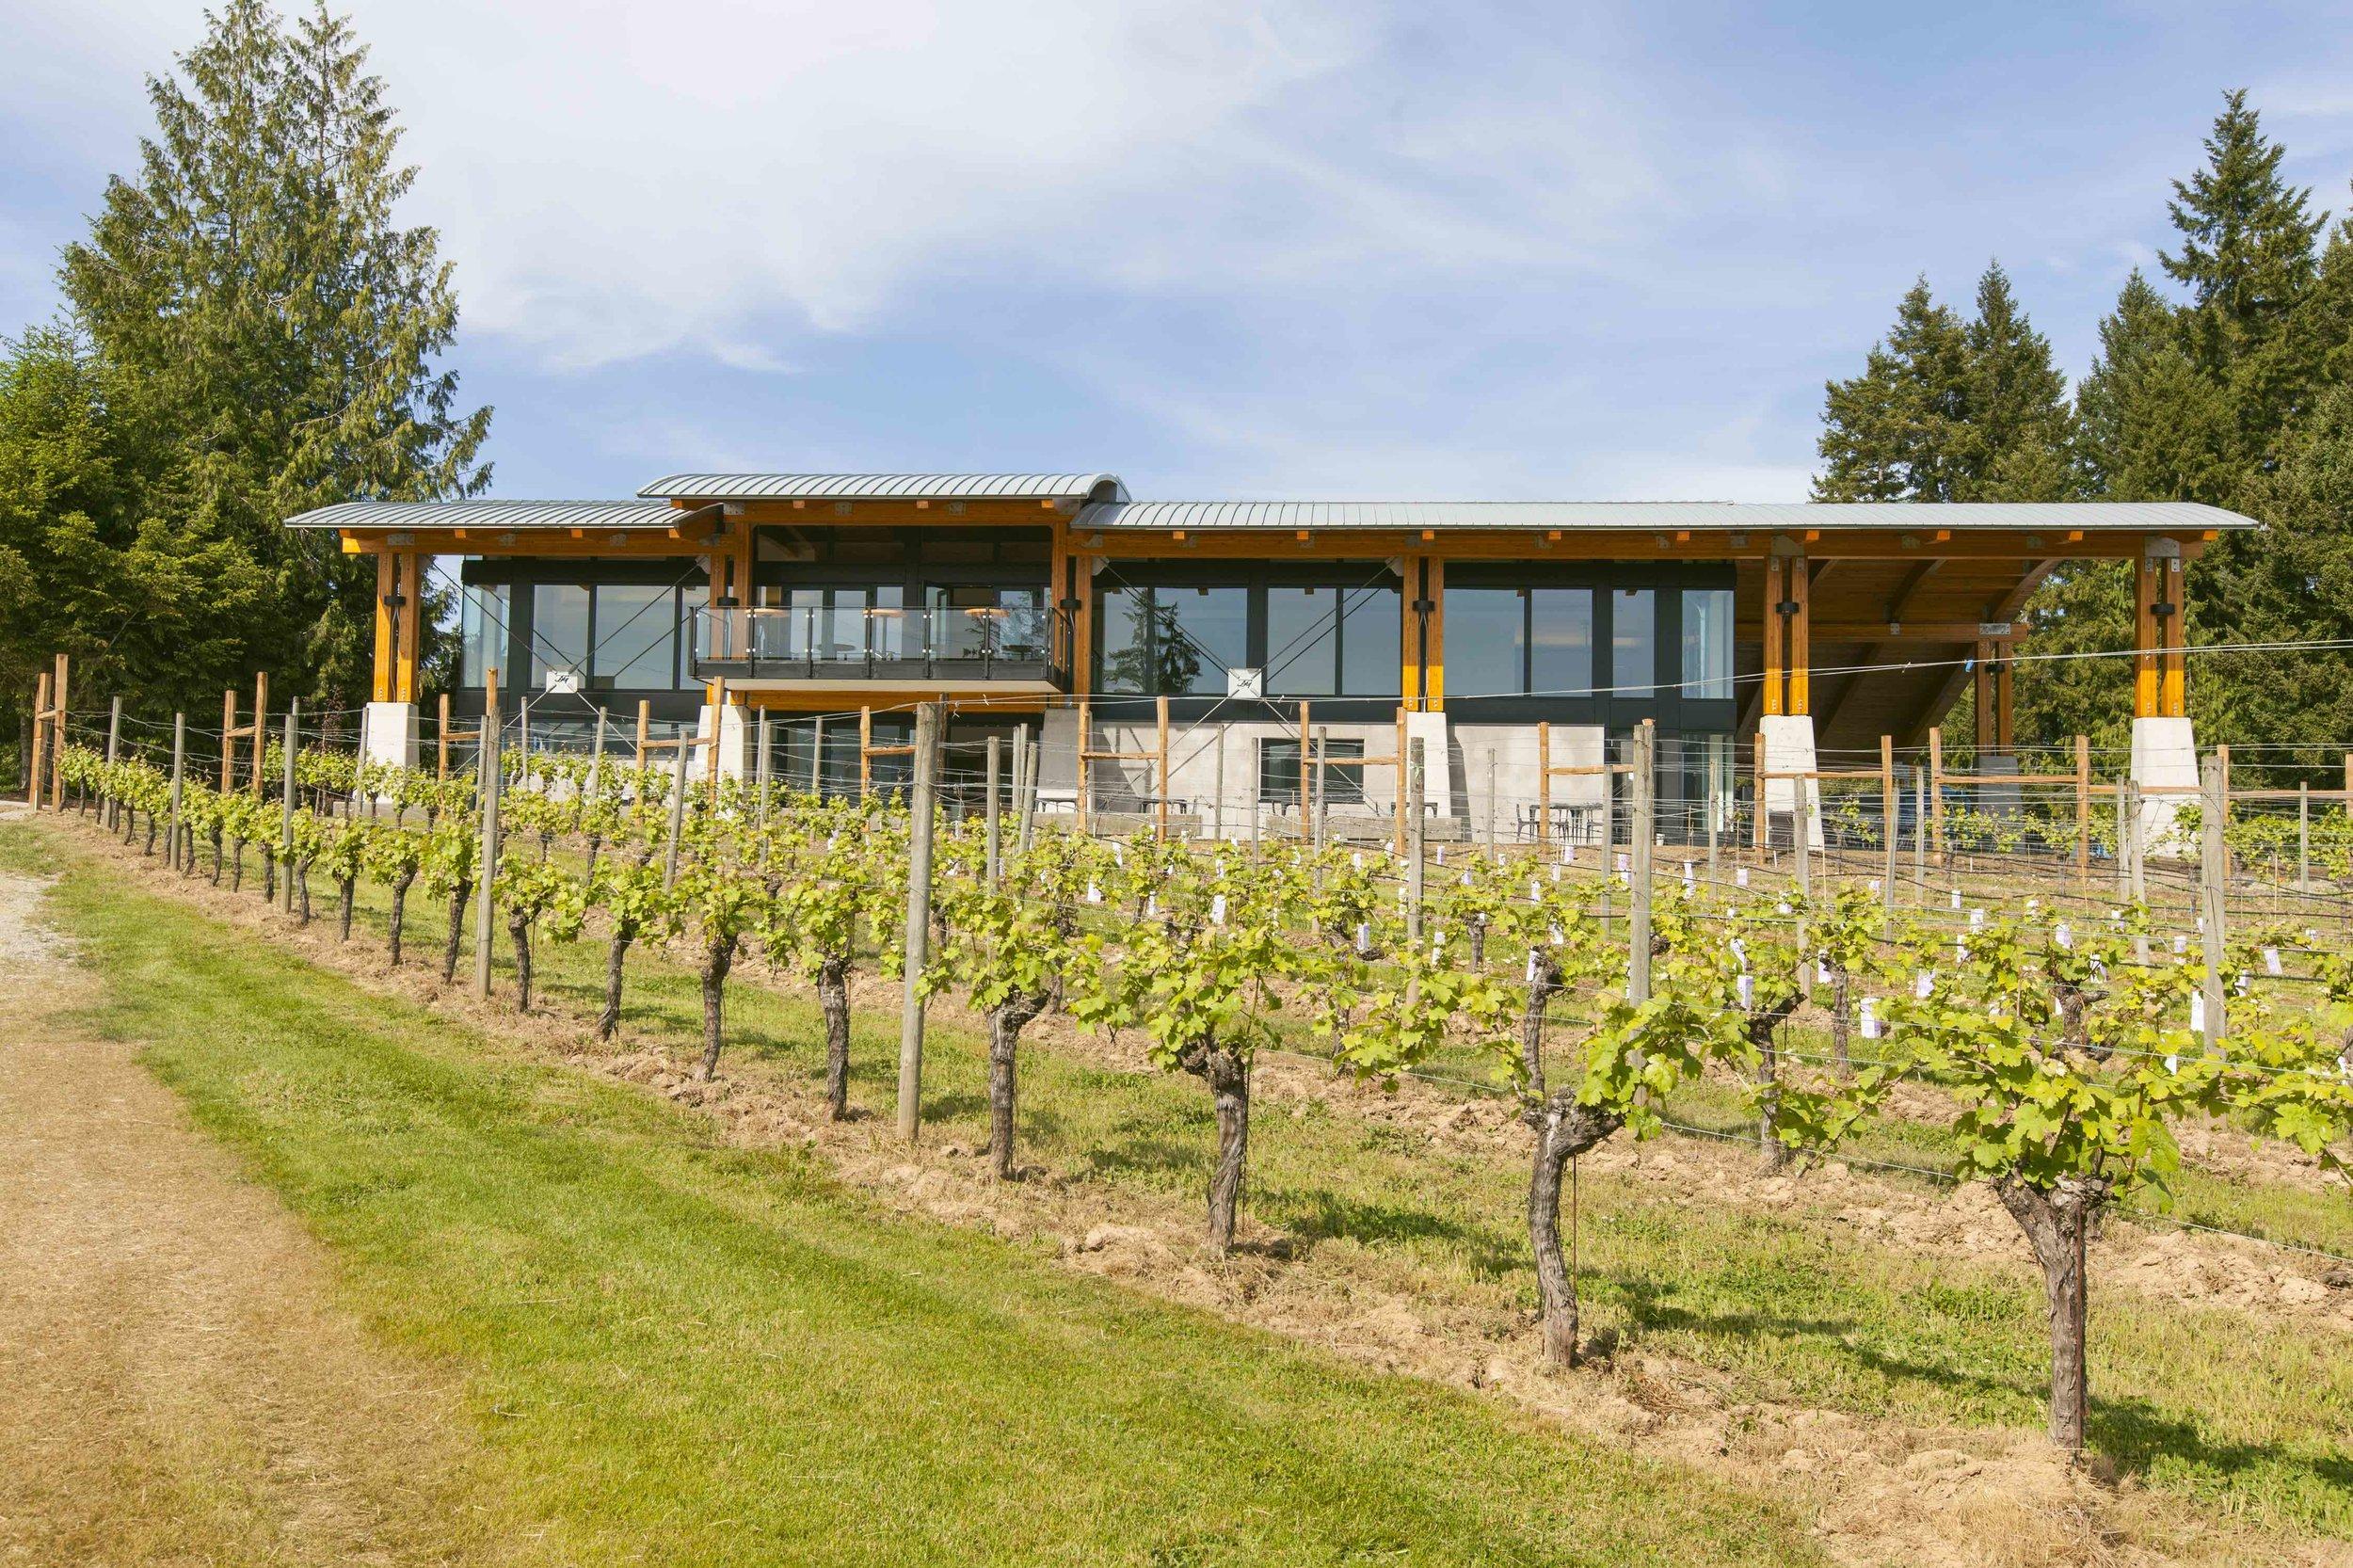 bg-winery-01-creditderekfordsmall